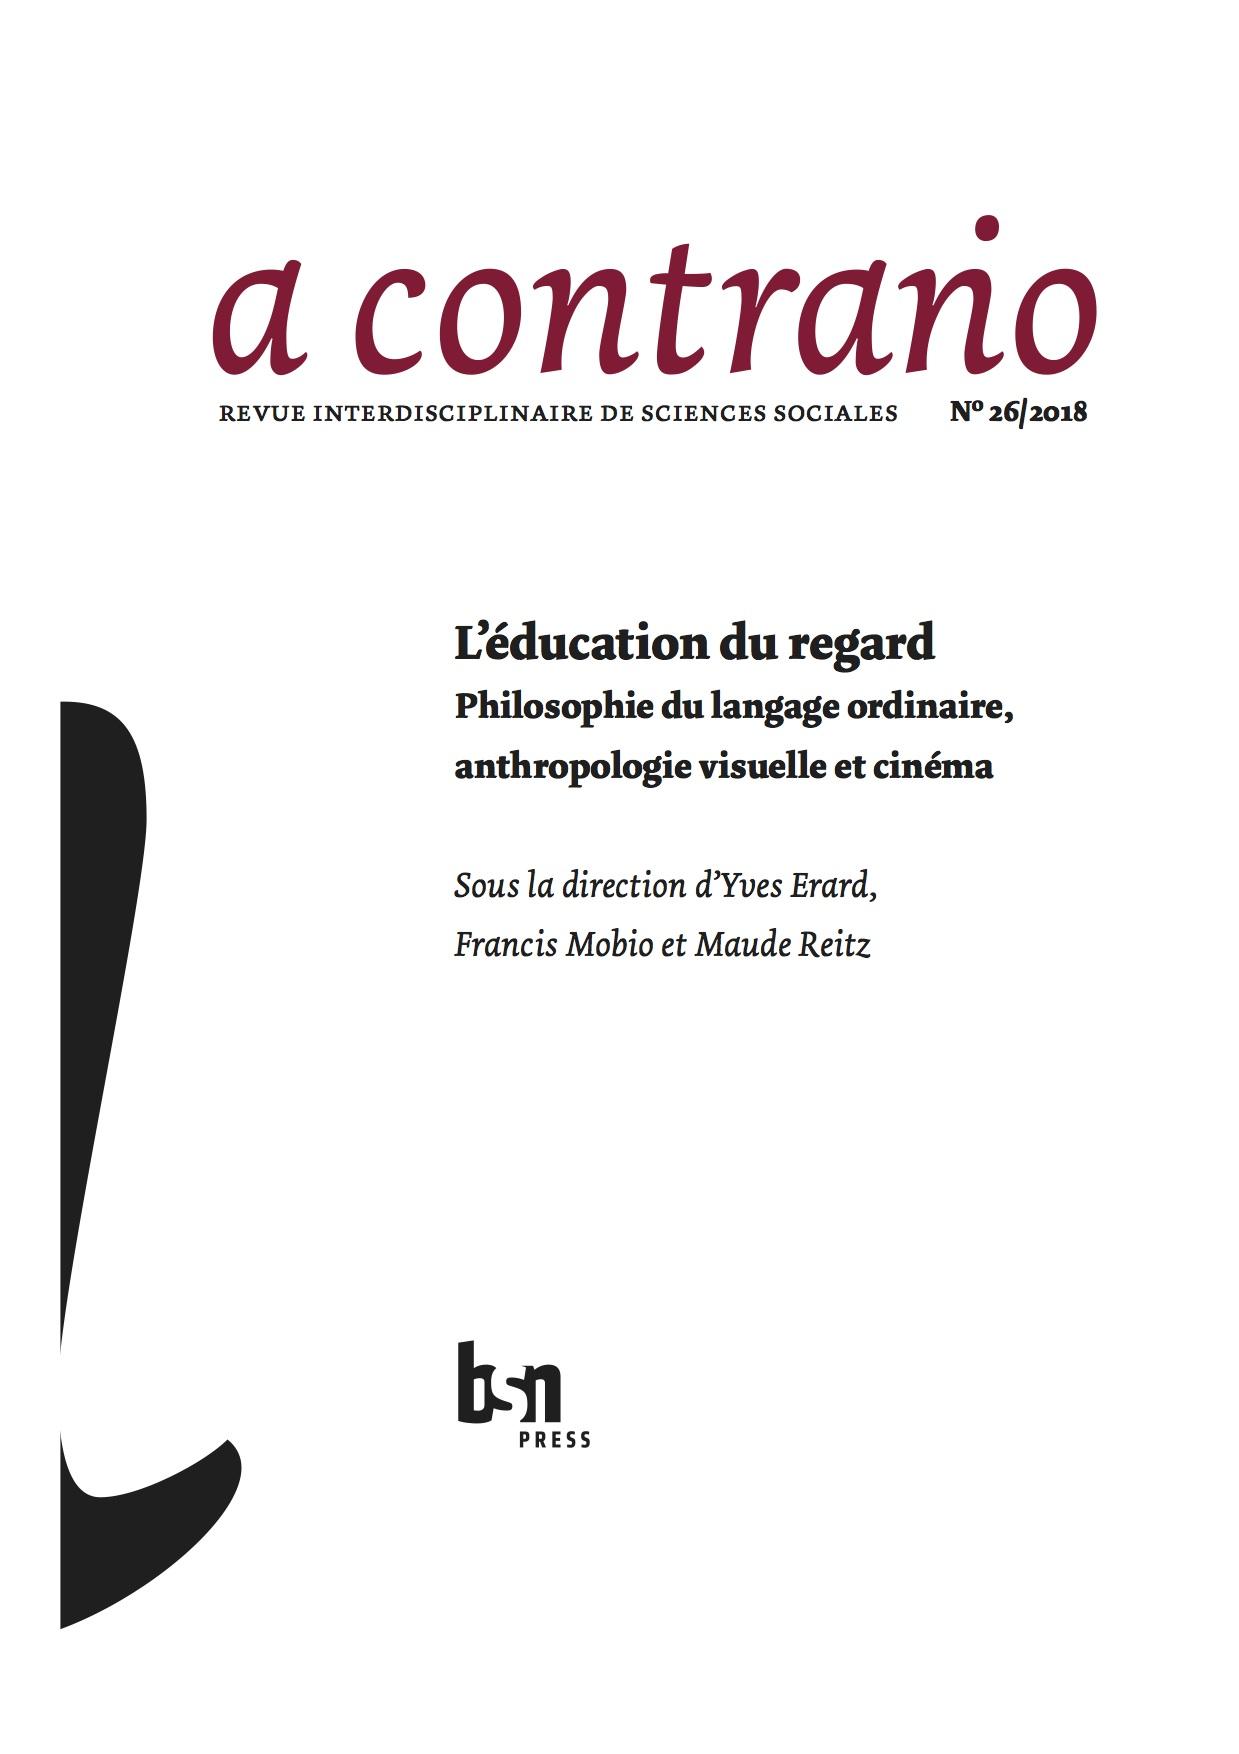 <em>a contrario</em>, n° 26 (2018/1): <em>L'Education du regard. Philosophie du langage ordinaire, anthropologie visuelle et cinéma</em>